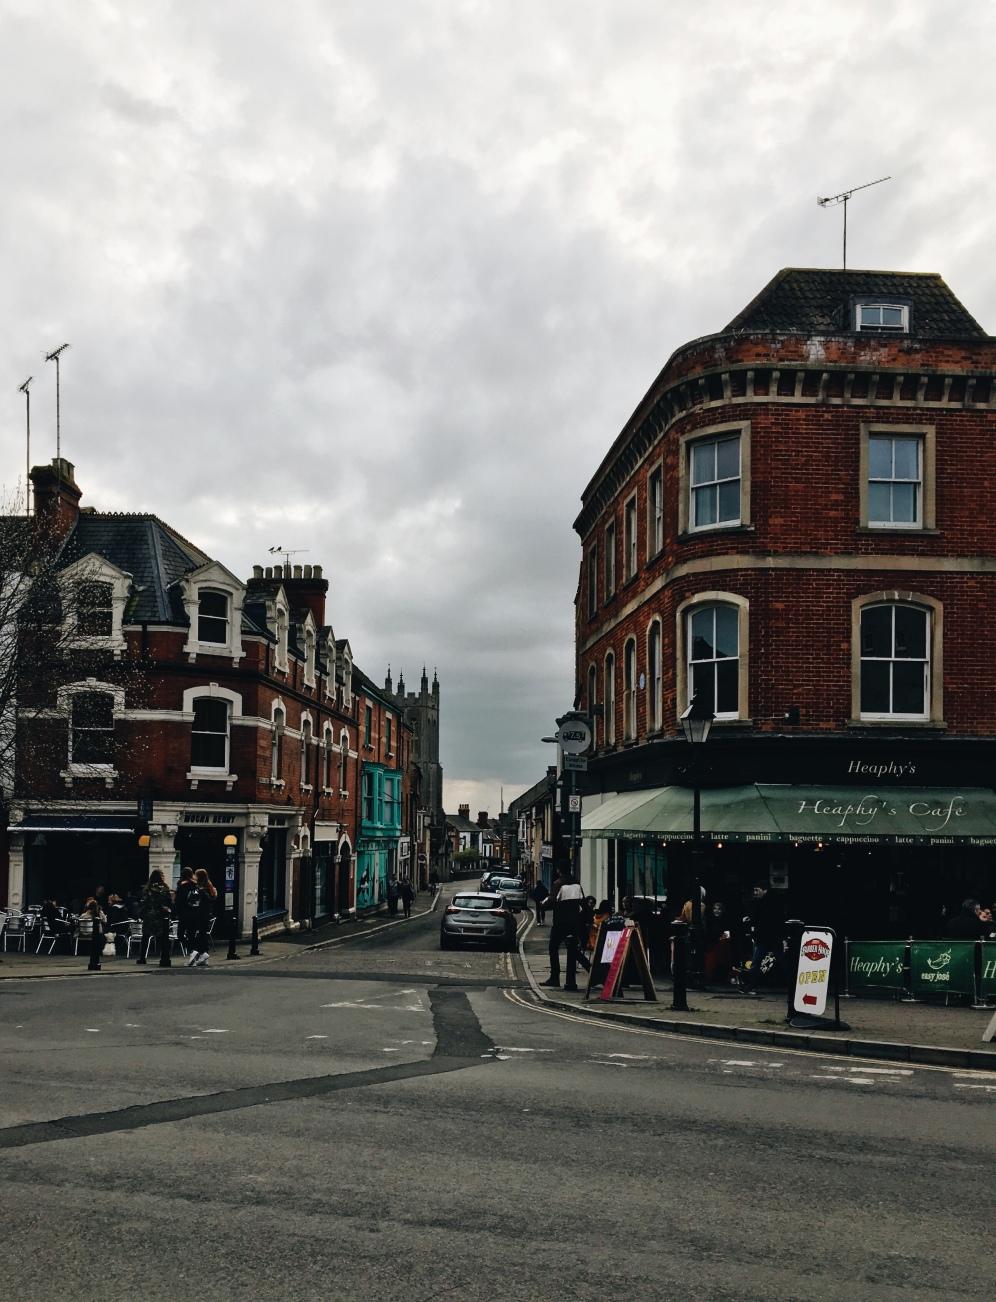 Streets in Glastonbury